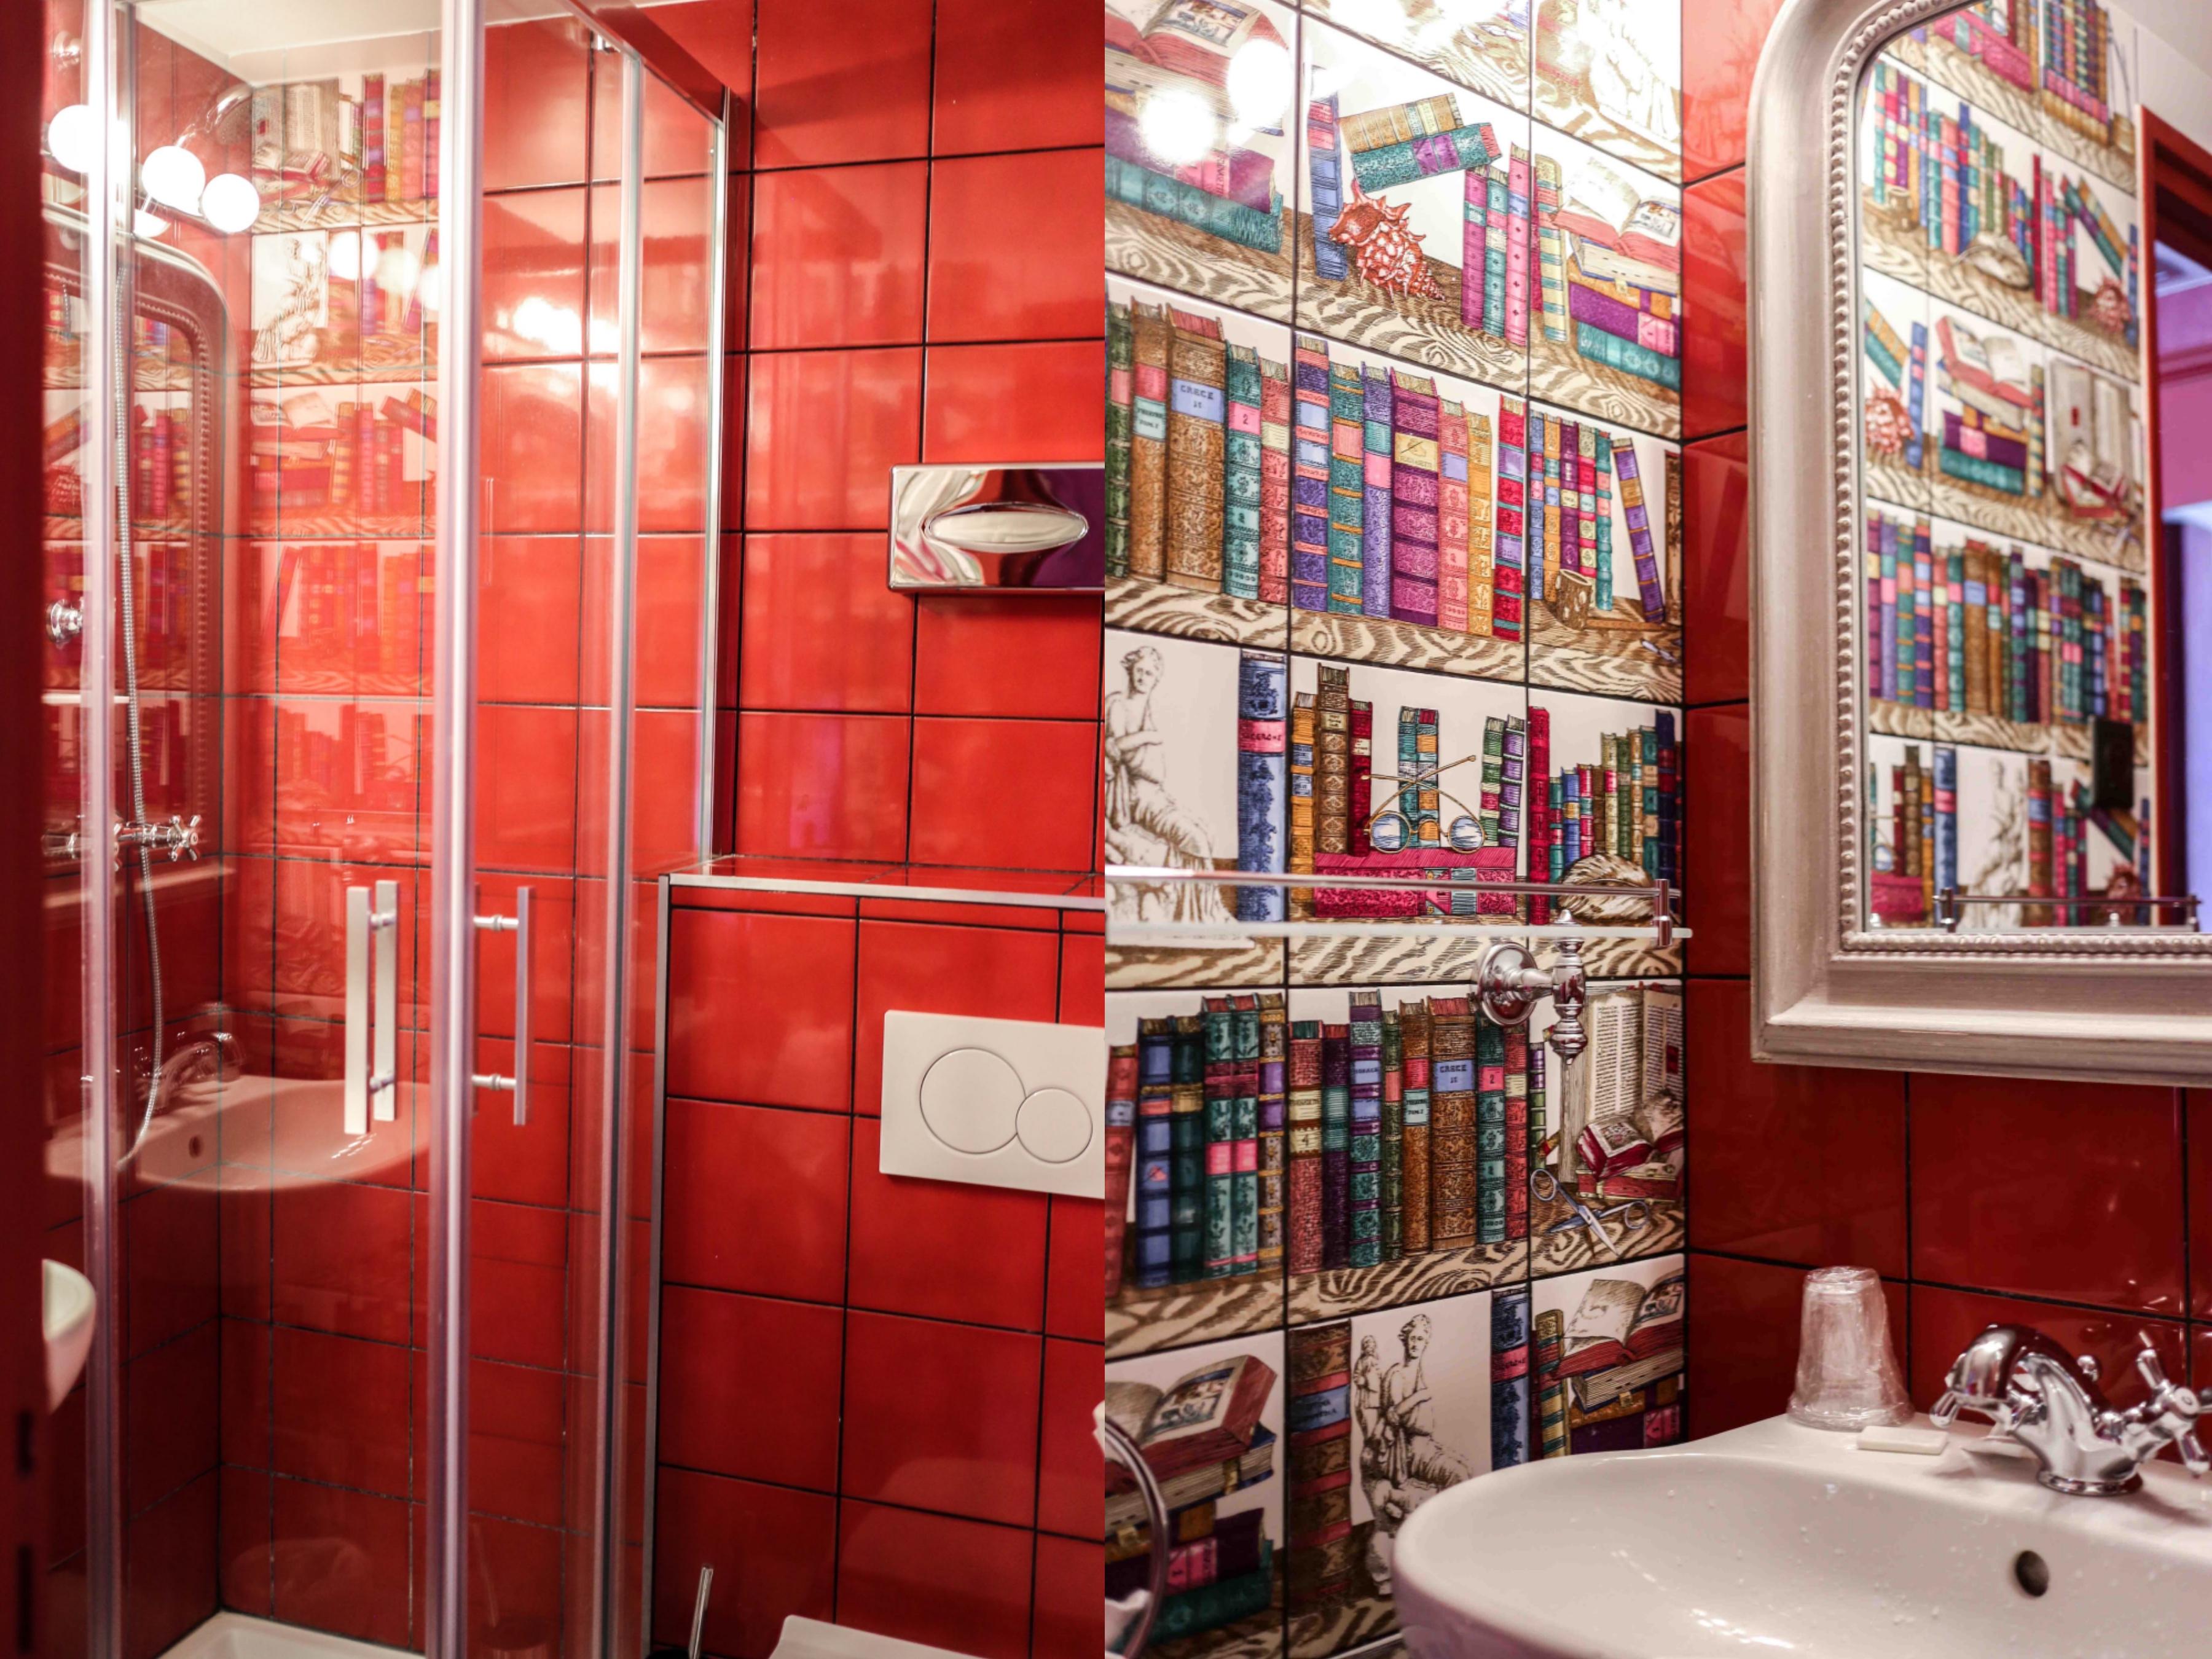 hotel-sacha-happy-culture-montmartre-paris-3-sterne-empfehlung-review-reiseblog-travelblog-blogger